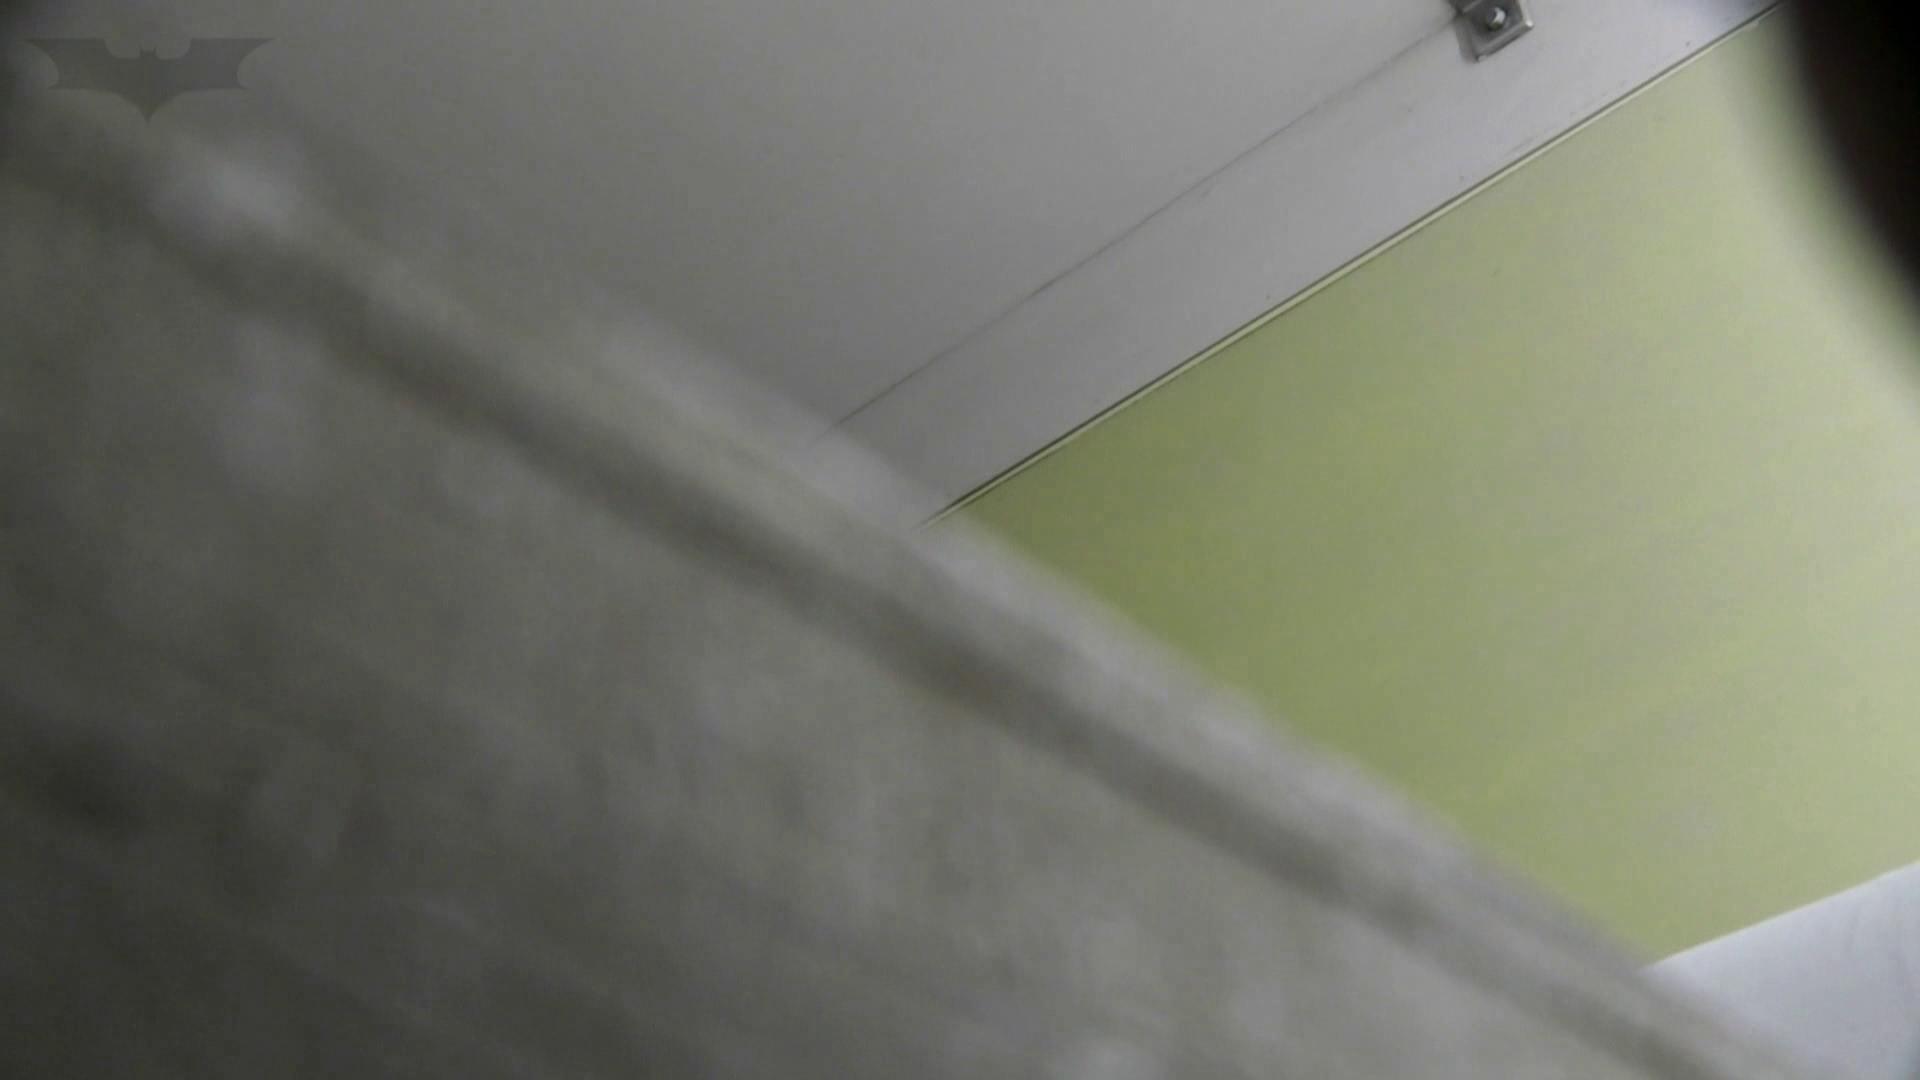 洗面所特攻隊 vol.74 last 2総勢16名激撮【2015・29位】 お姉さん  95PIX 48